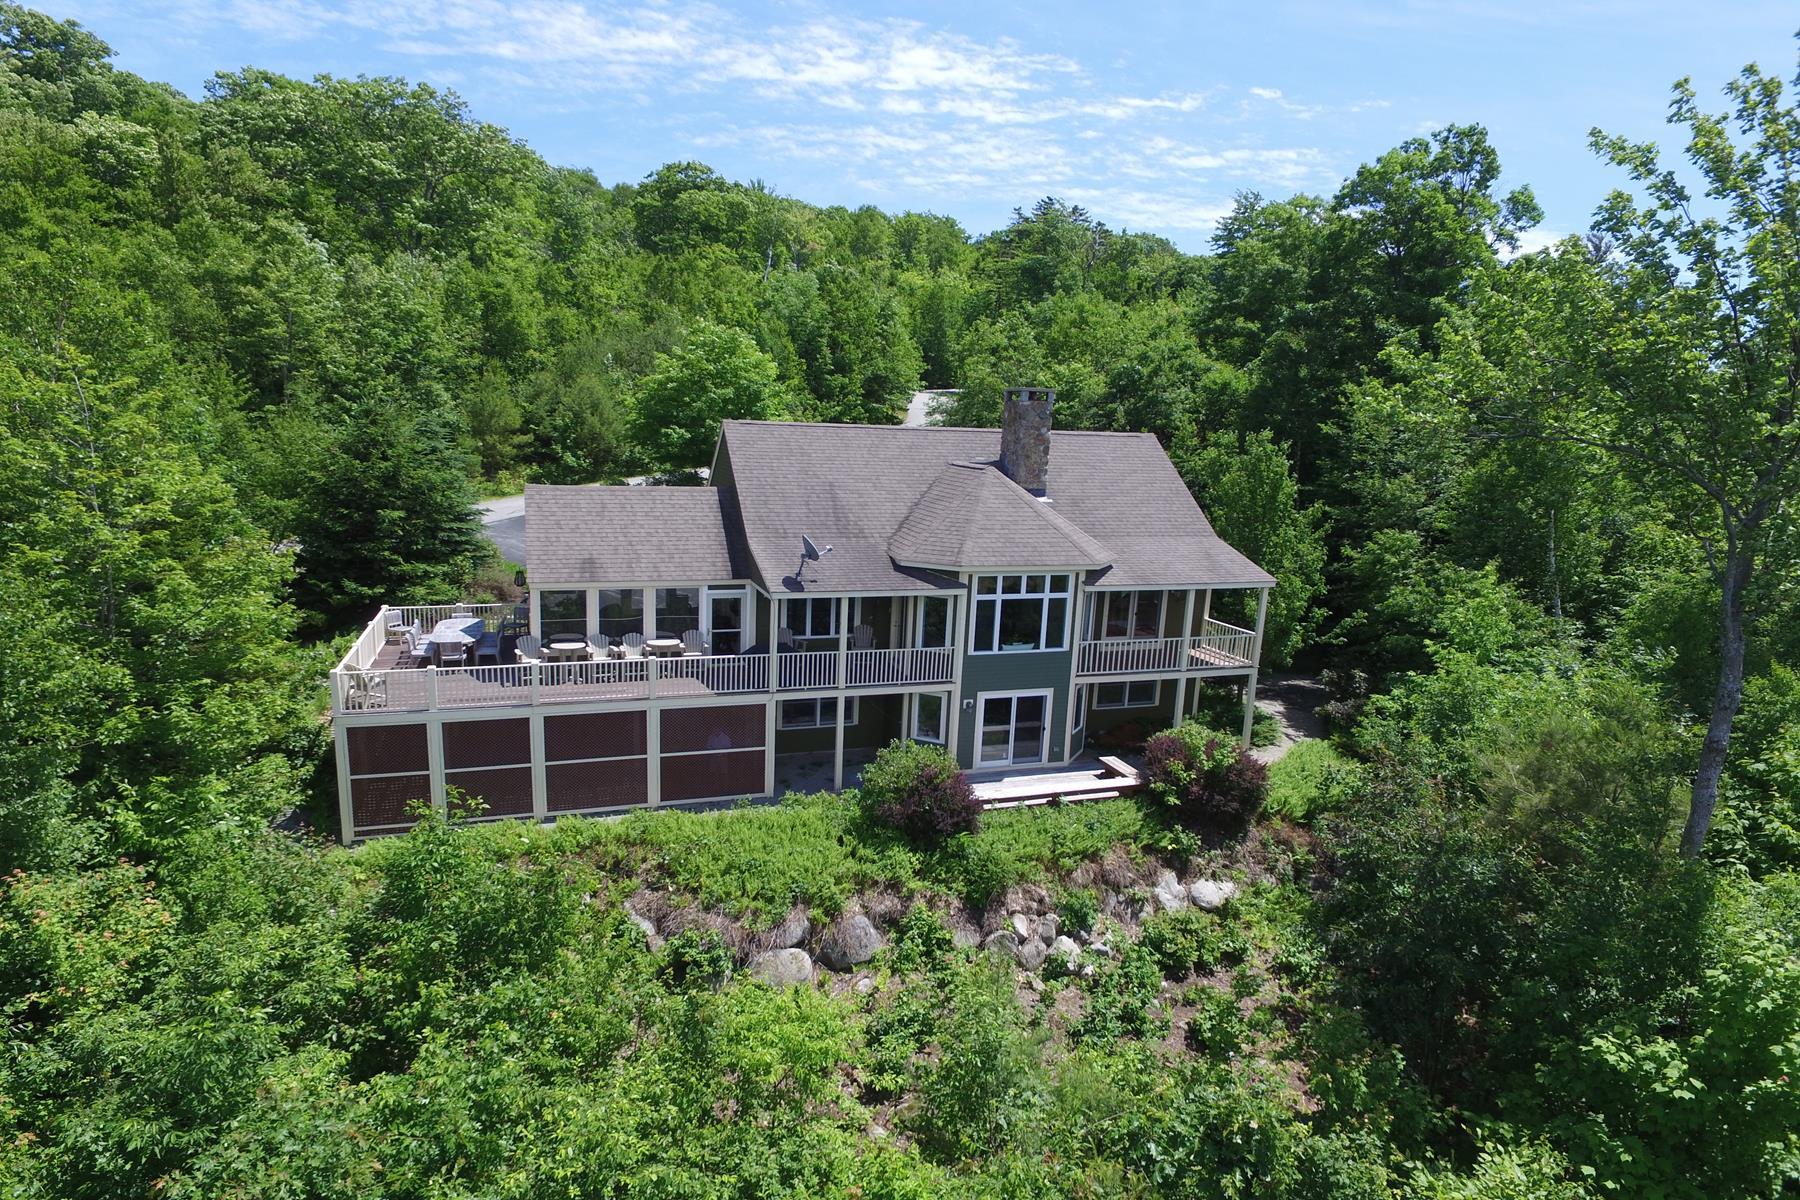 Tek Ailelik Ev için Satış at 41 Blye Hill Landing South, Newbury Newbury, New Hampshire, 03255 Amerika Birleşik Devletleri